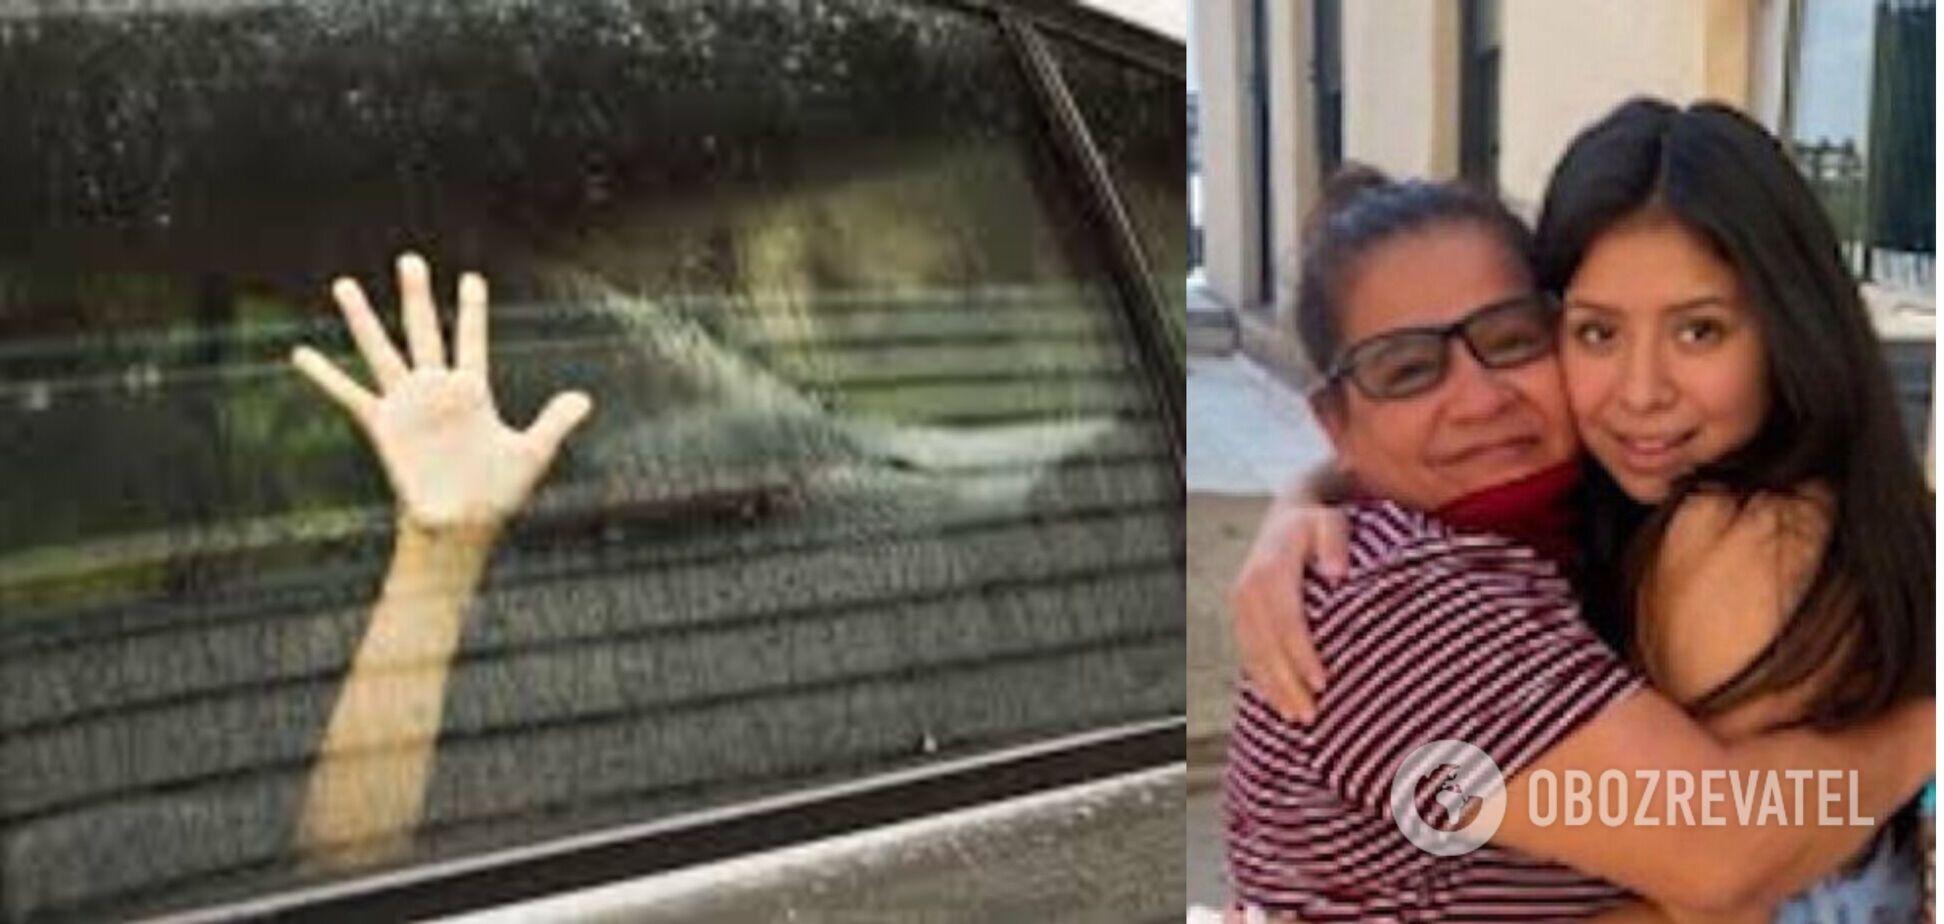 Была похищена отцом: в США девушка воссоединилась с матерью после 14-летней разлуки